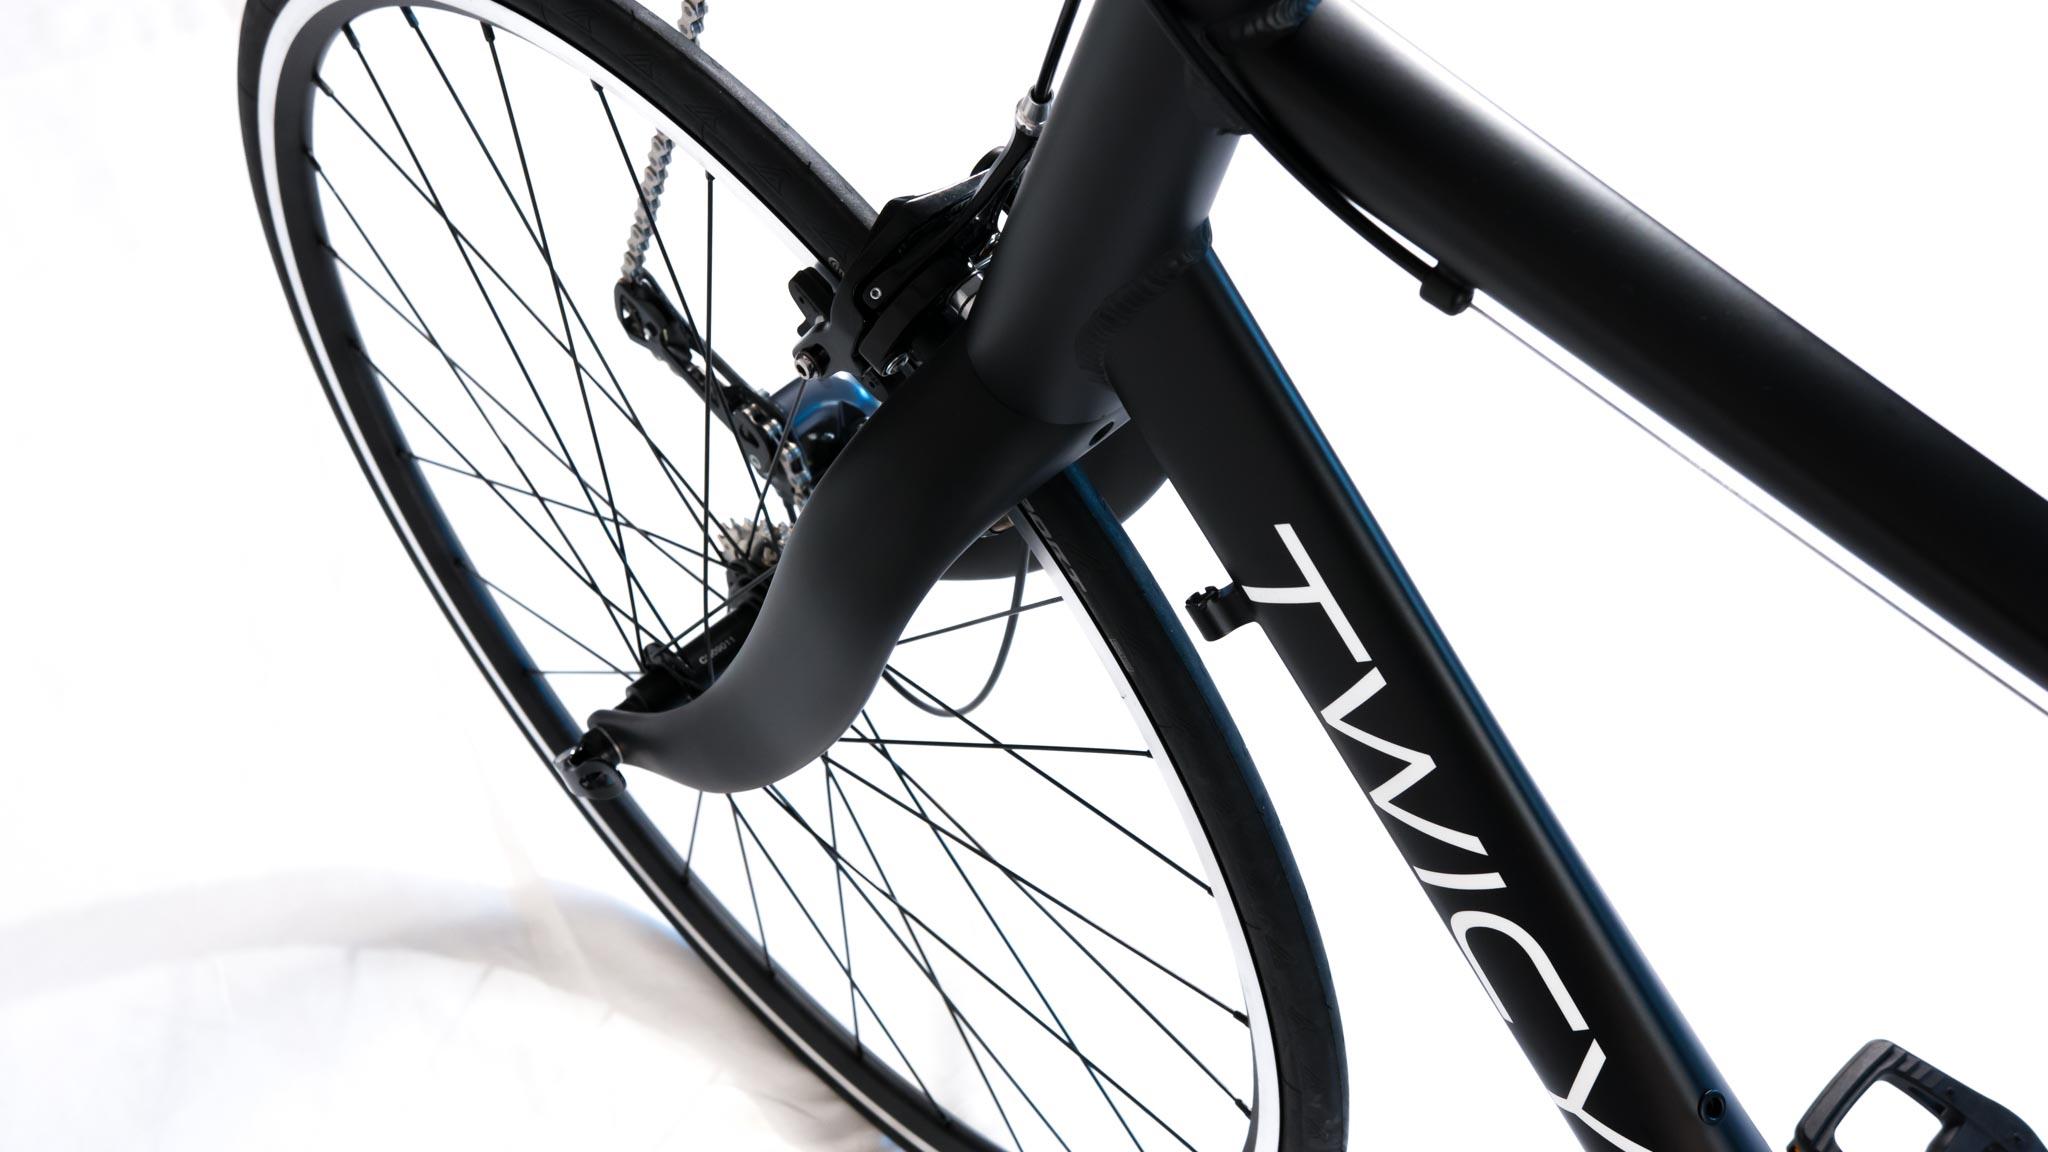 Twicycle smart and useful bicycle